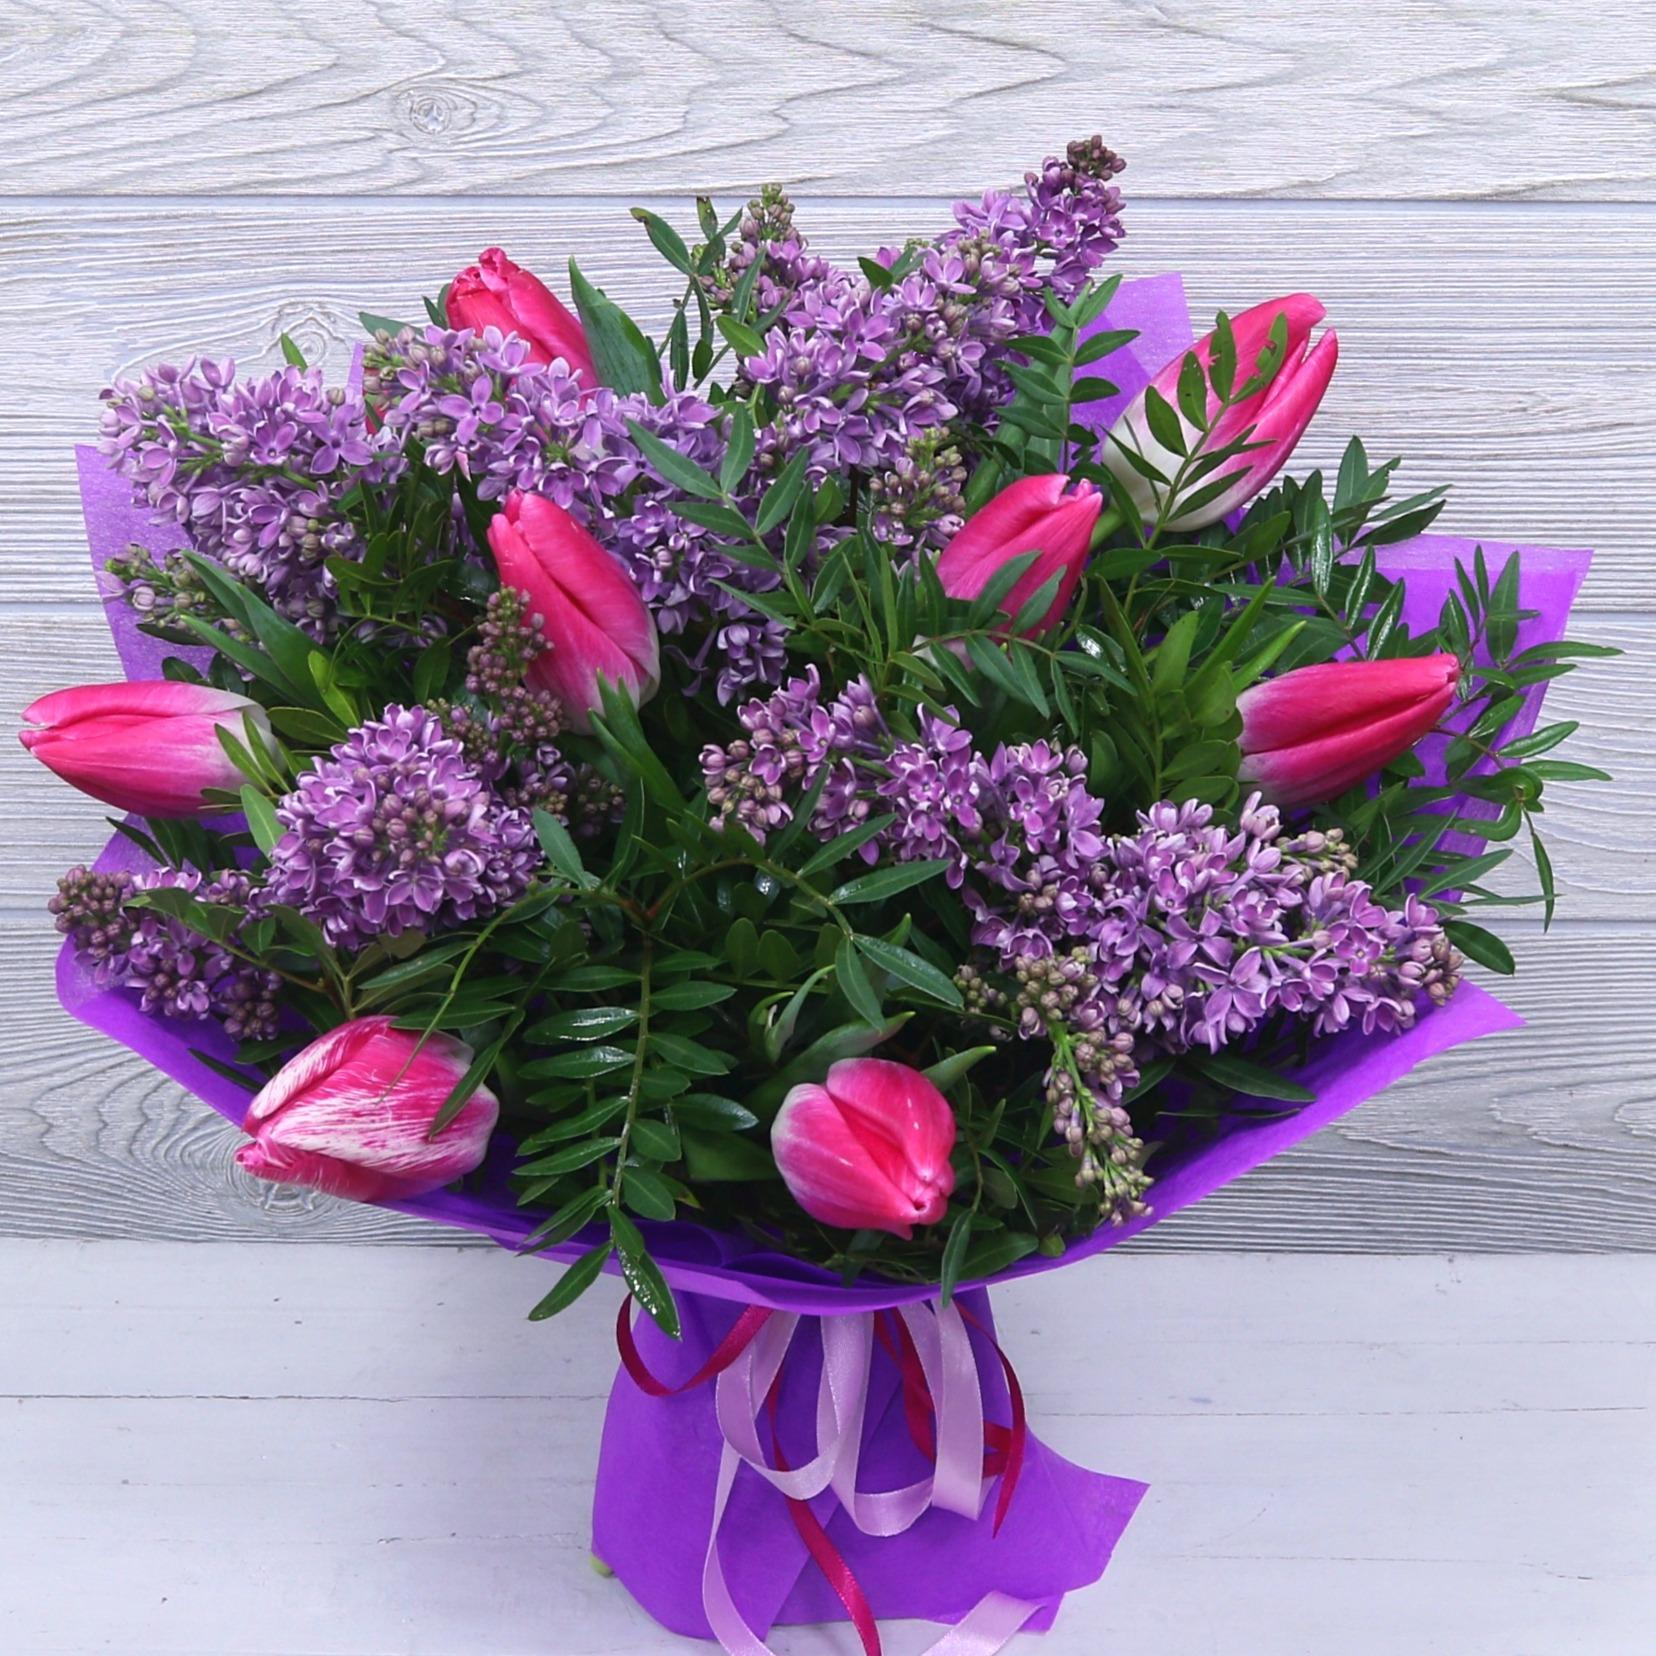 рококо картинки сирени с тюльпанами тому первого